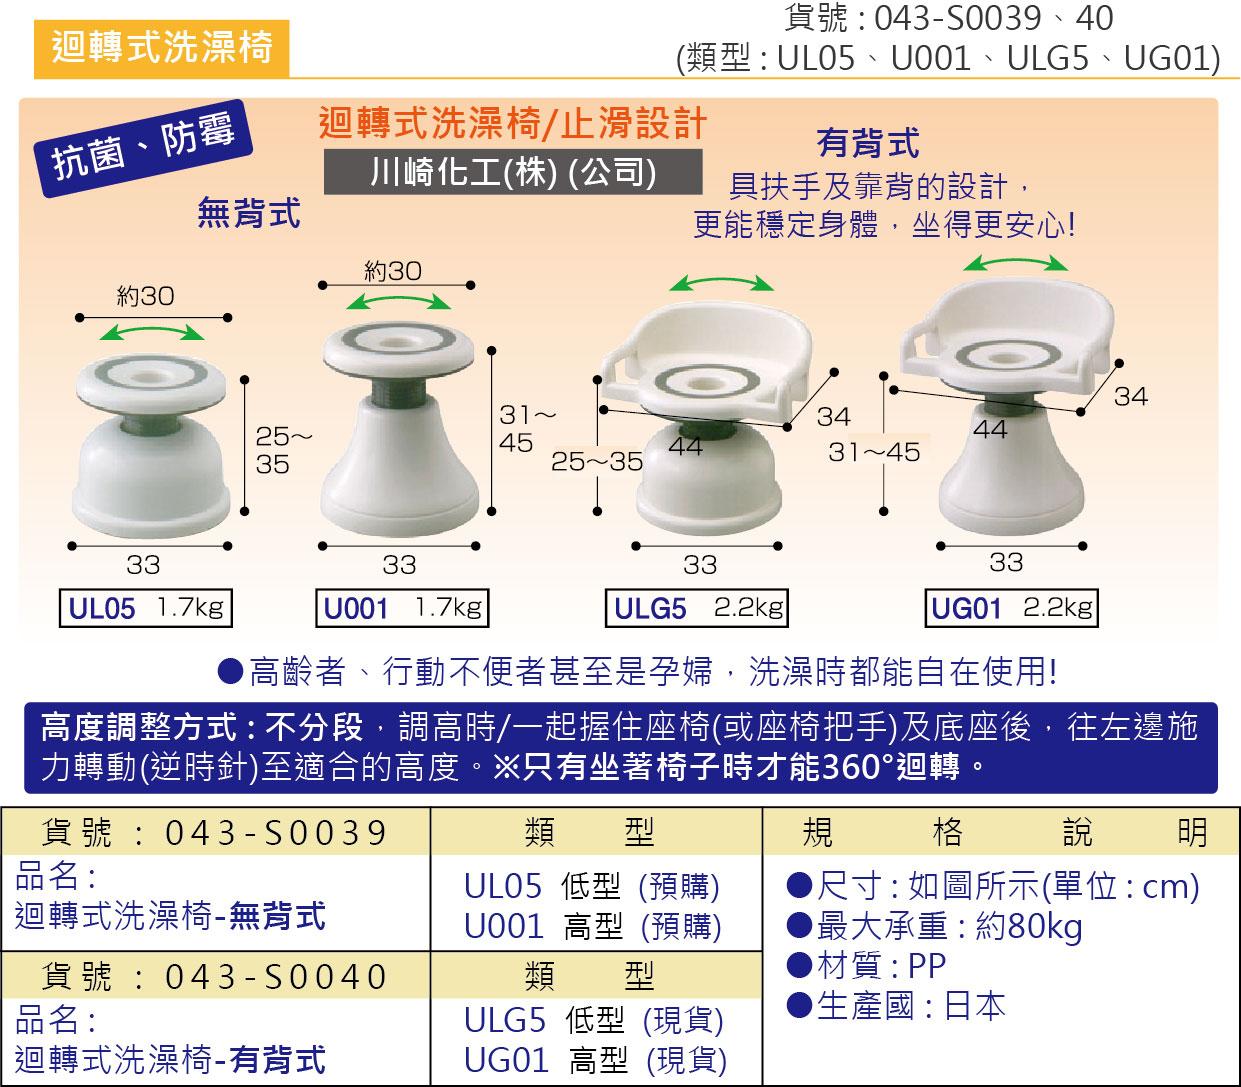 洗澡椅:老人用 行動不便者洗澡 孕婦洗澡 老人洗澡用,可360度旋轉、可360度迴轉、止滑